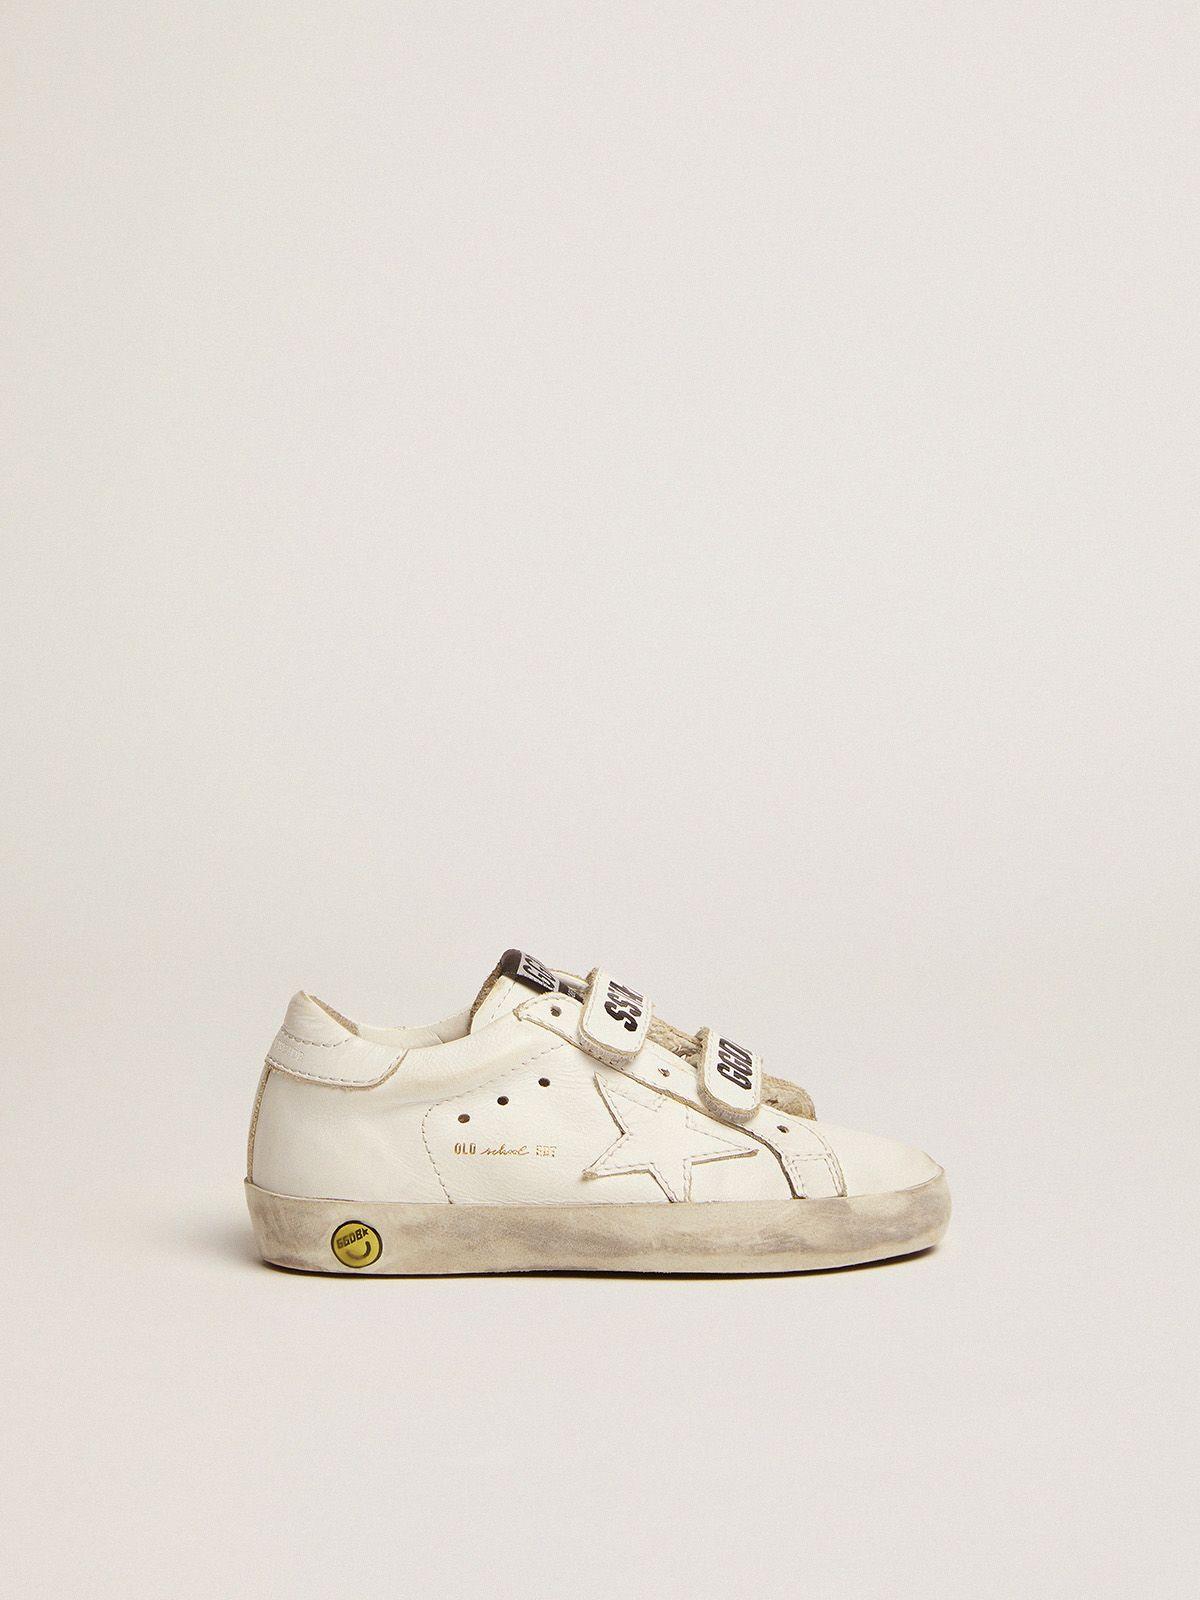 Golden Goose - Sneakers Old School bianco ottico con stella ton su ton in